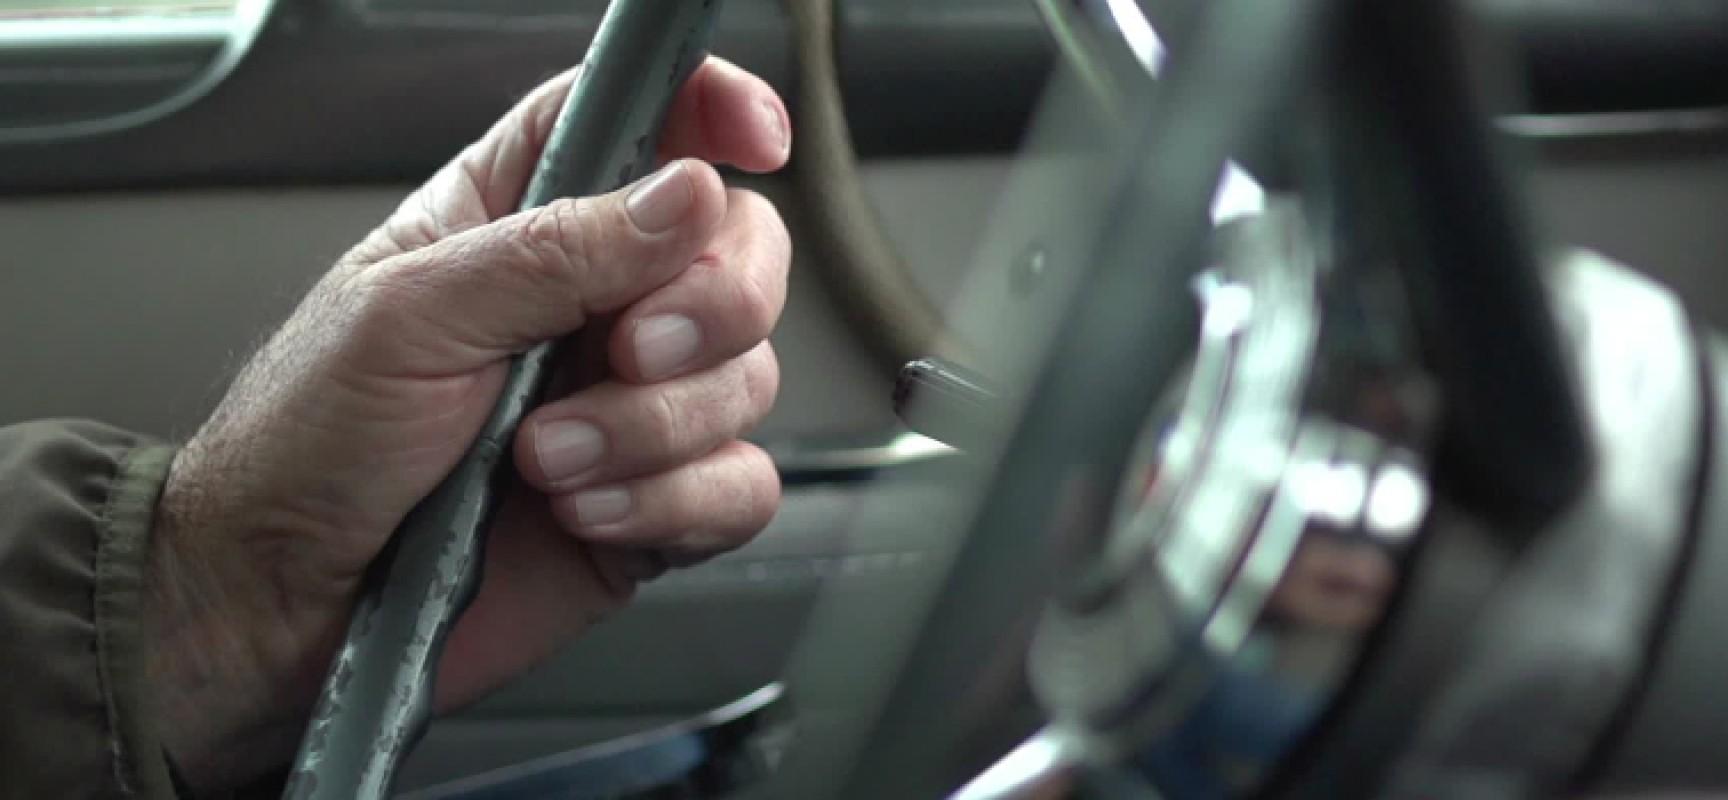 Anziano sfugge al controllo della badante e seminudo molesta ragazze nella sua auto